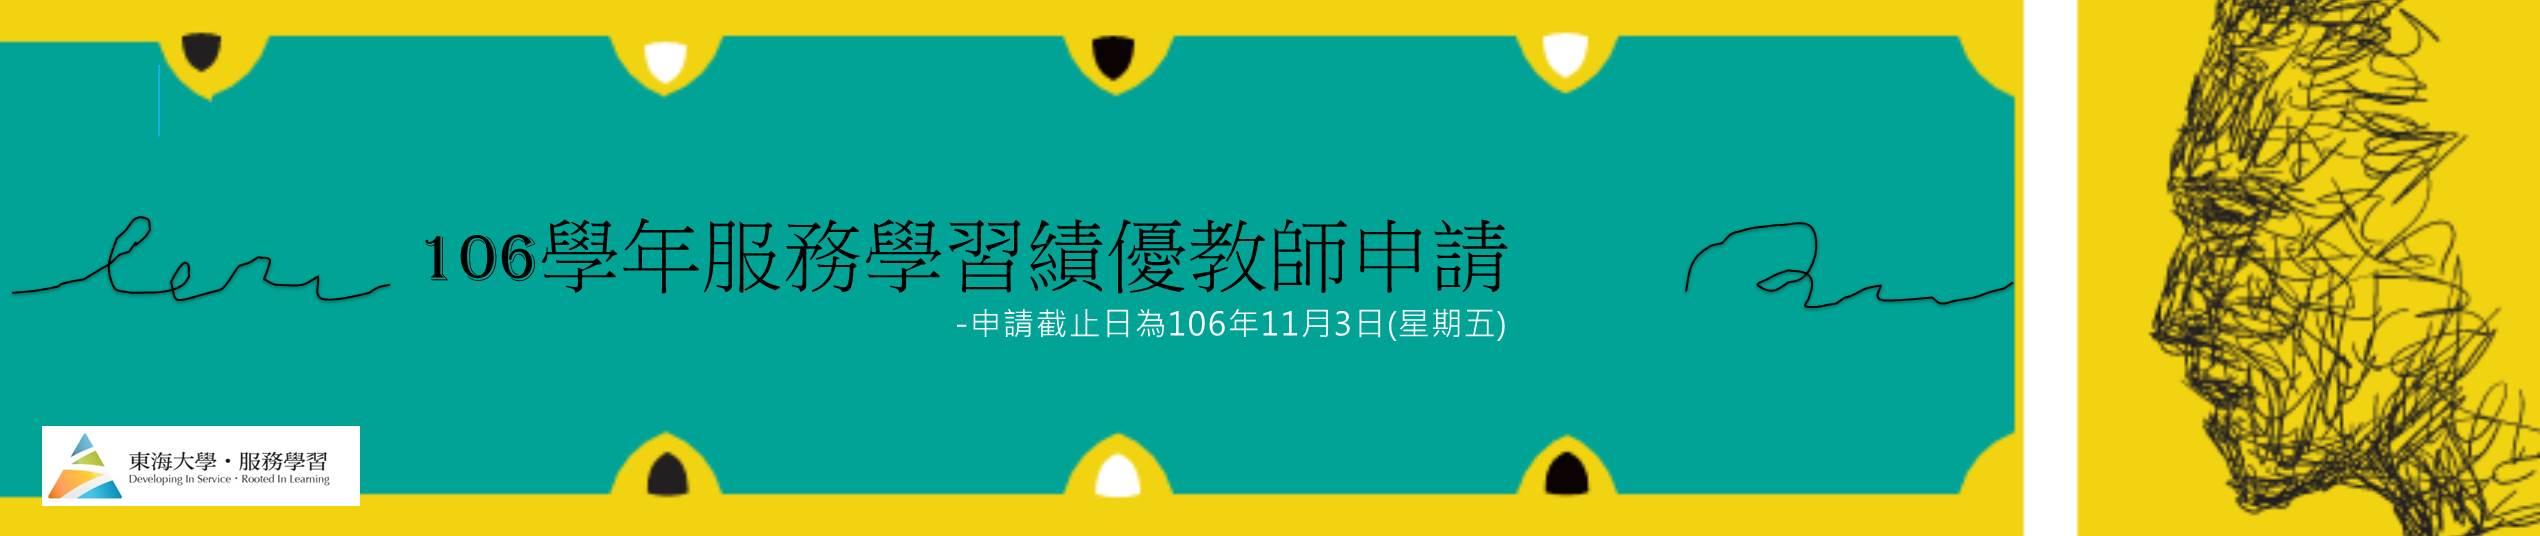 106學年度服務學習課程績優教師獎勵開始申請